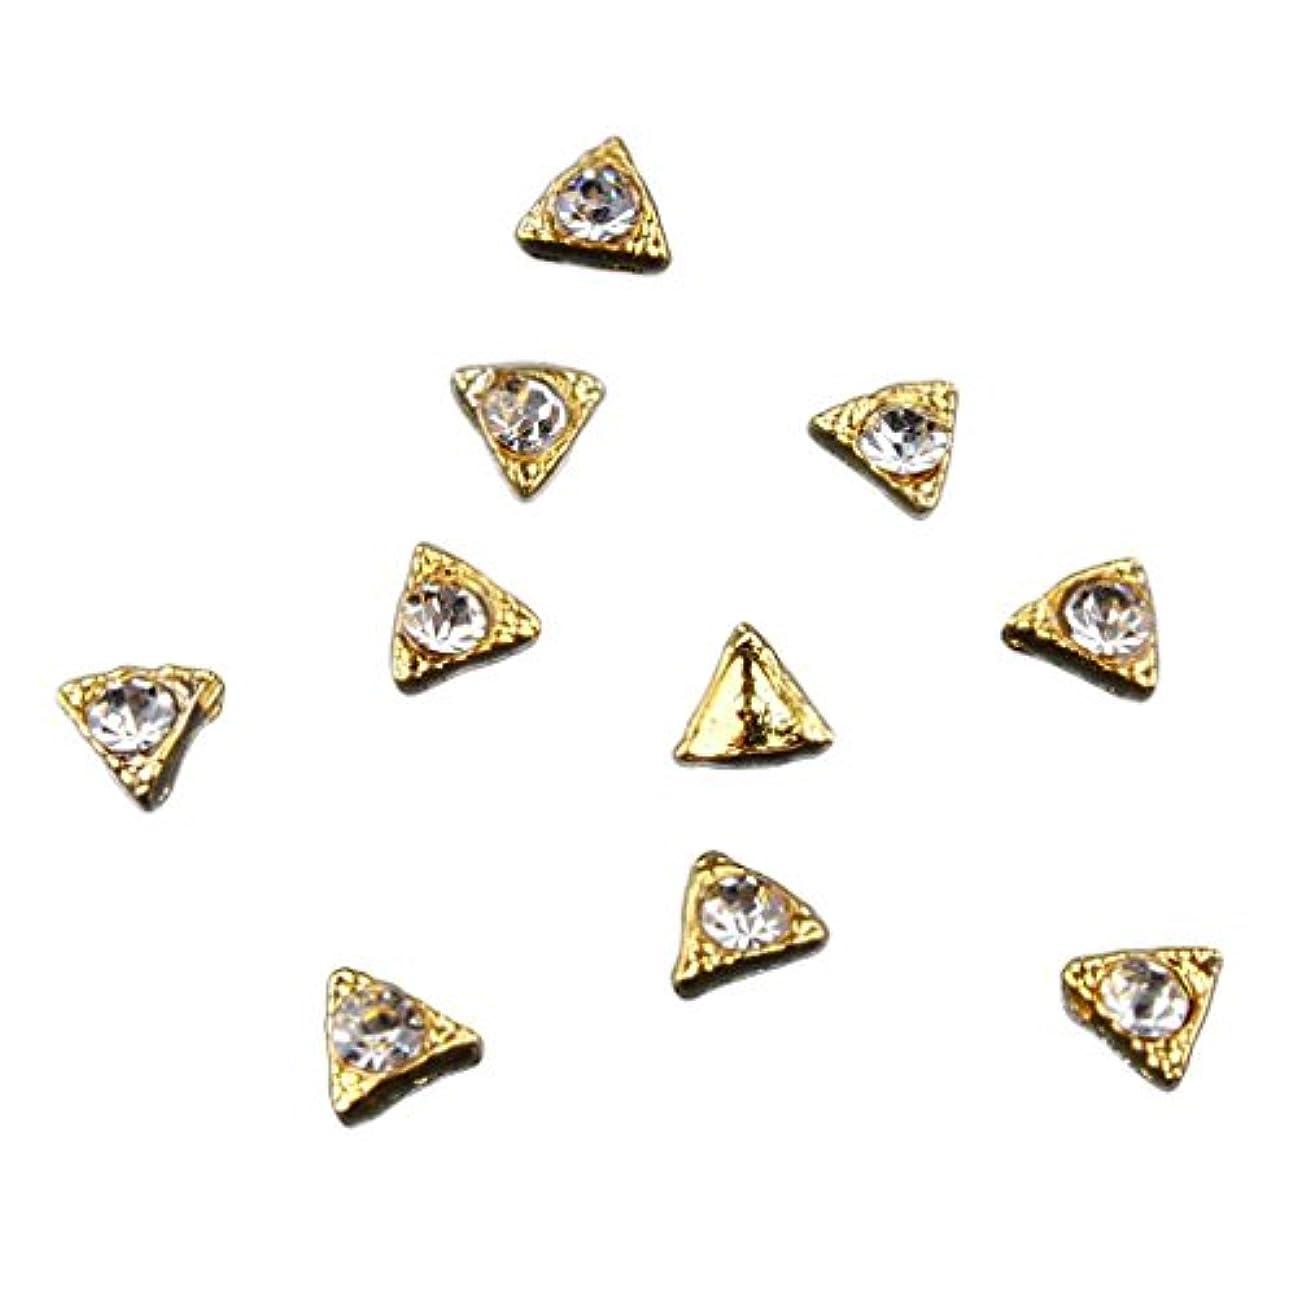 逸脱褐色むちゃくちゃCUTICATE 50個入り ネイル ネイルデザイン ダイヤモンド 3Dネイルアート ヒントステッカー デコレーション - 7